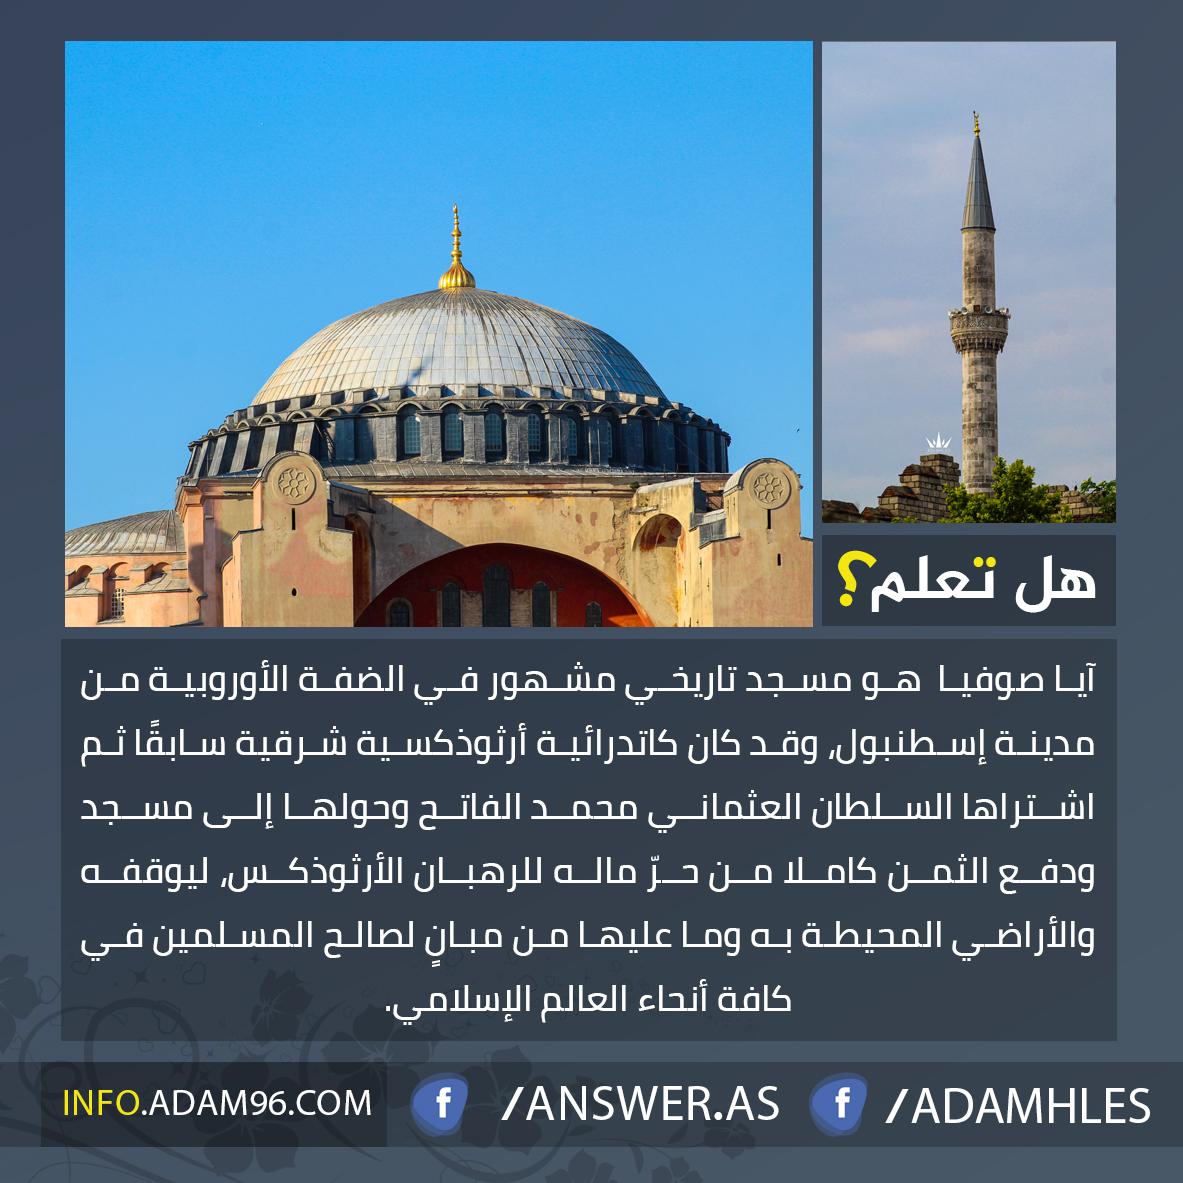 هل تعلم معلومات عن مسجد ايا صوفيا - مسجد ايا صوفيا